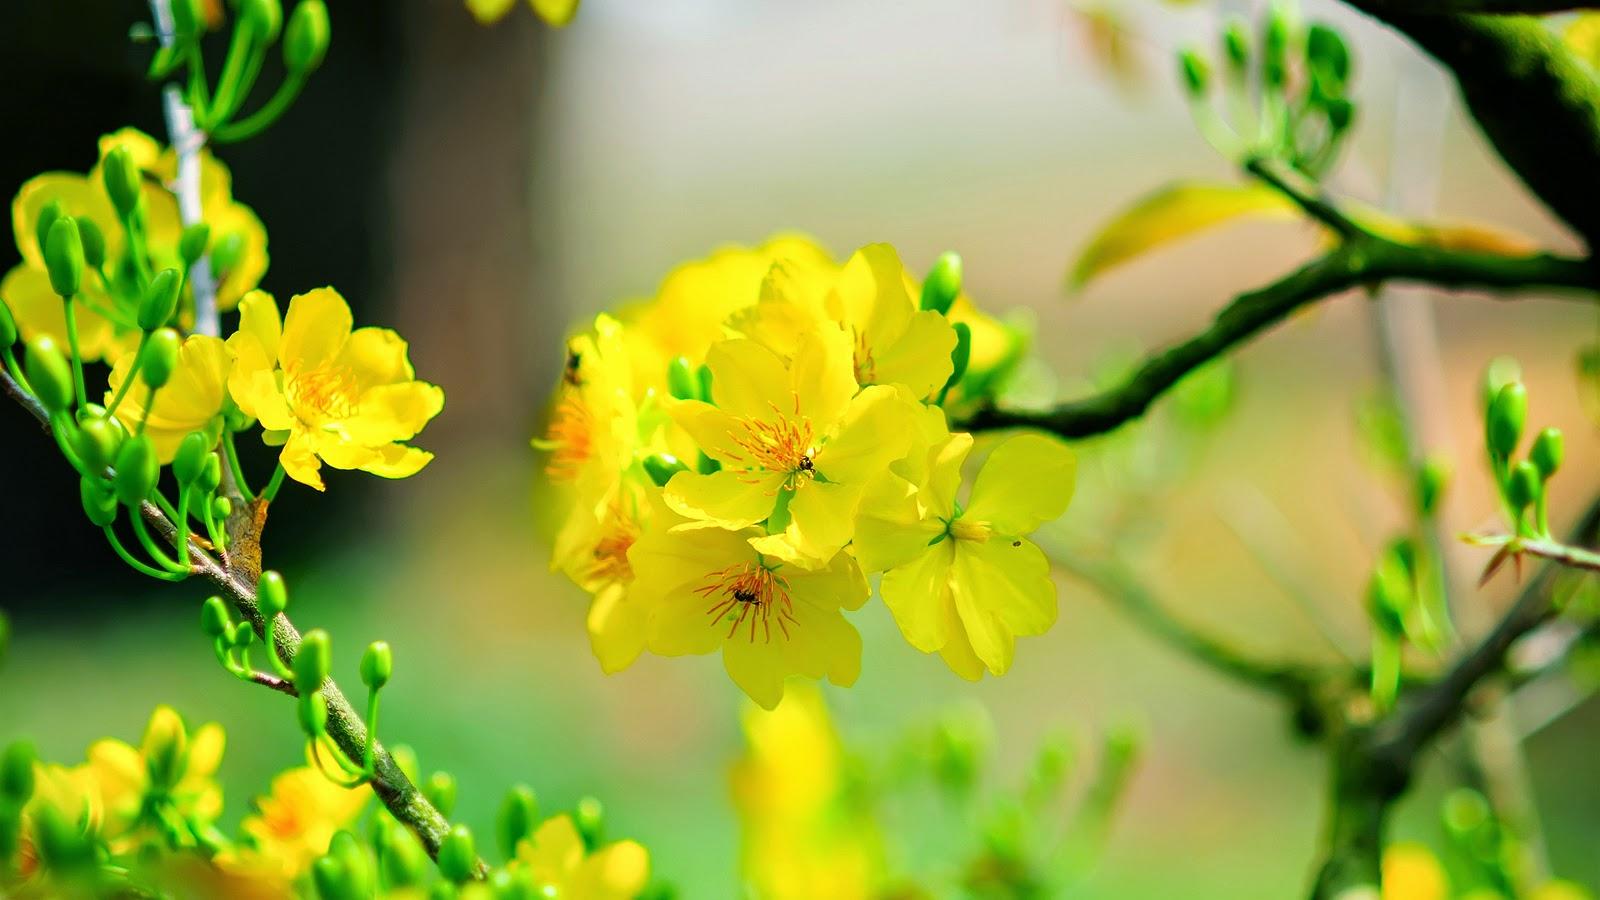 Hình nền hoa mai vàng đẹp nhất cho ngày Tết Canh Tý 2020